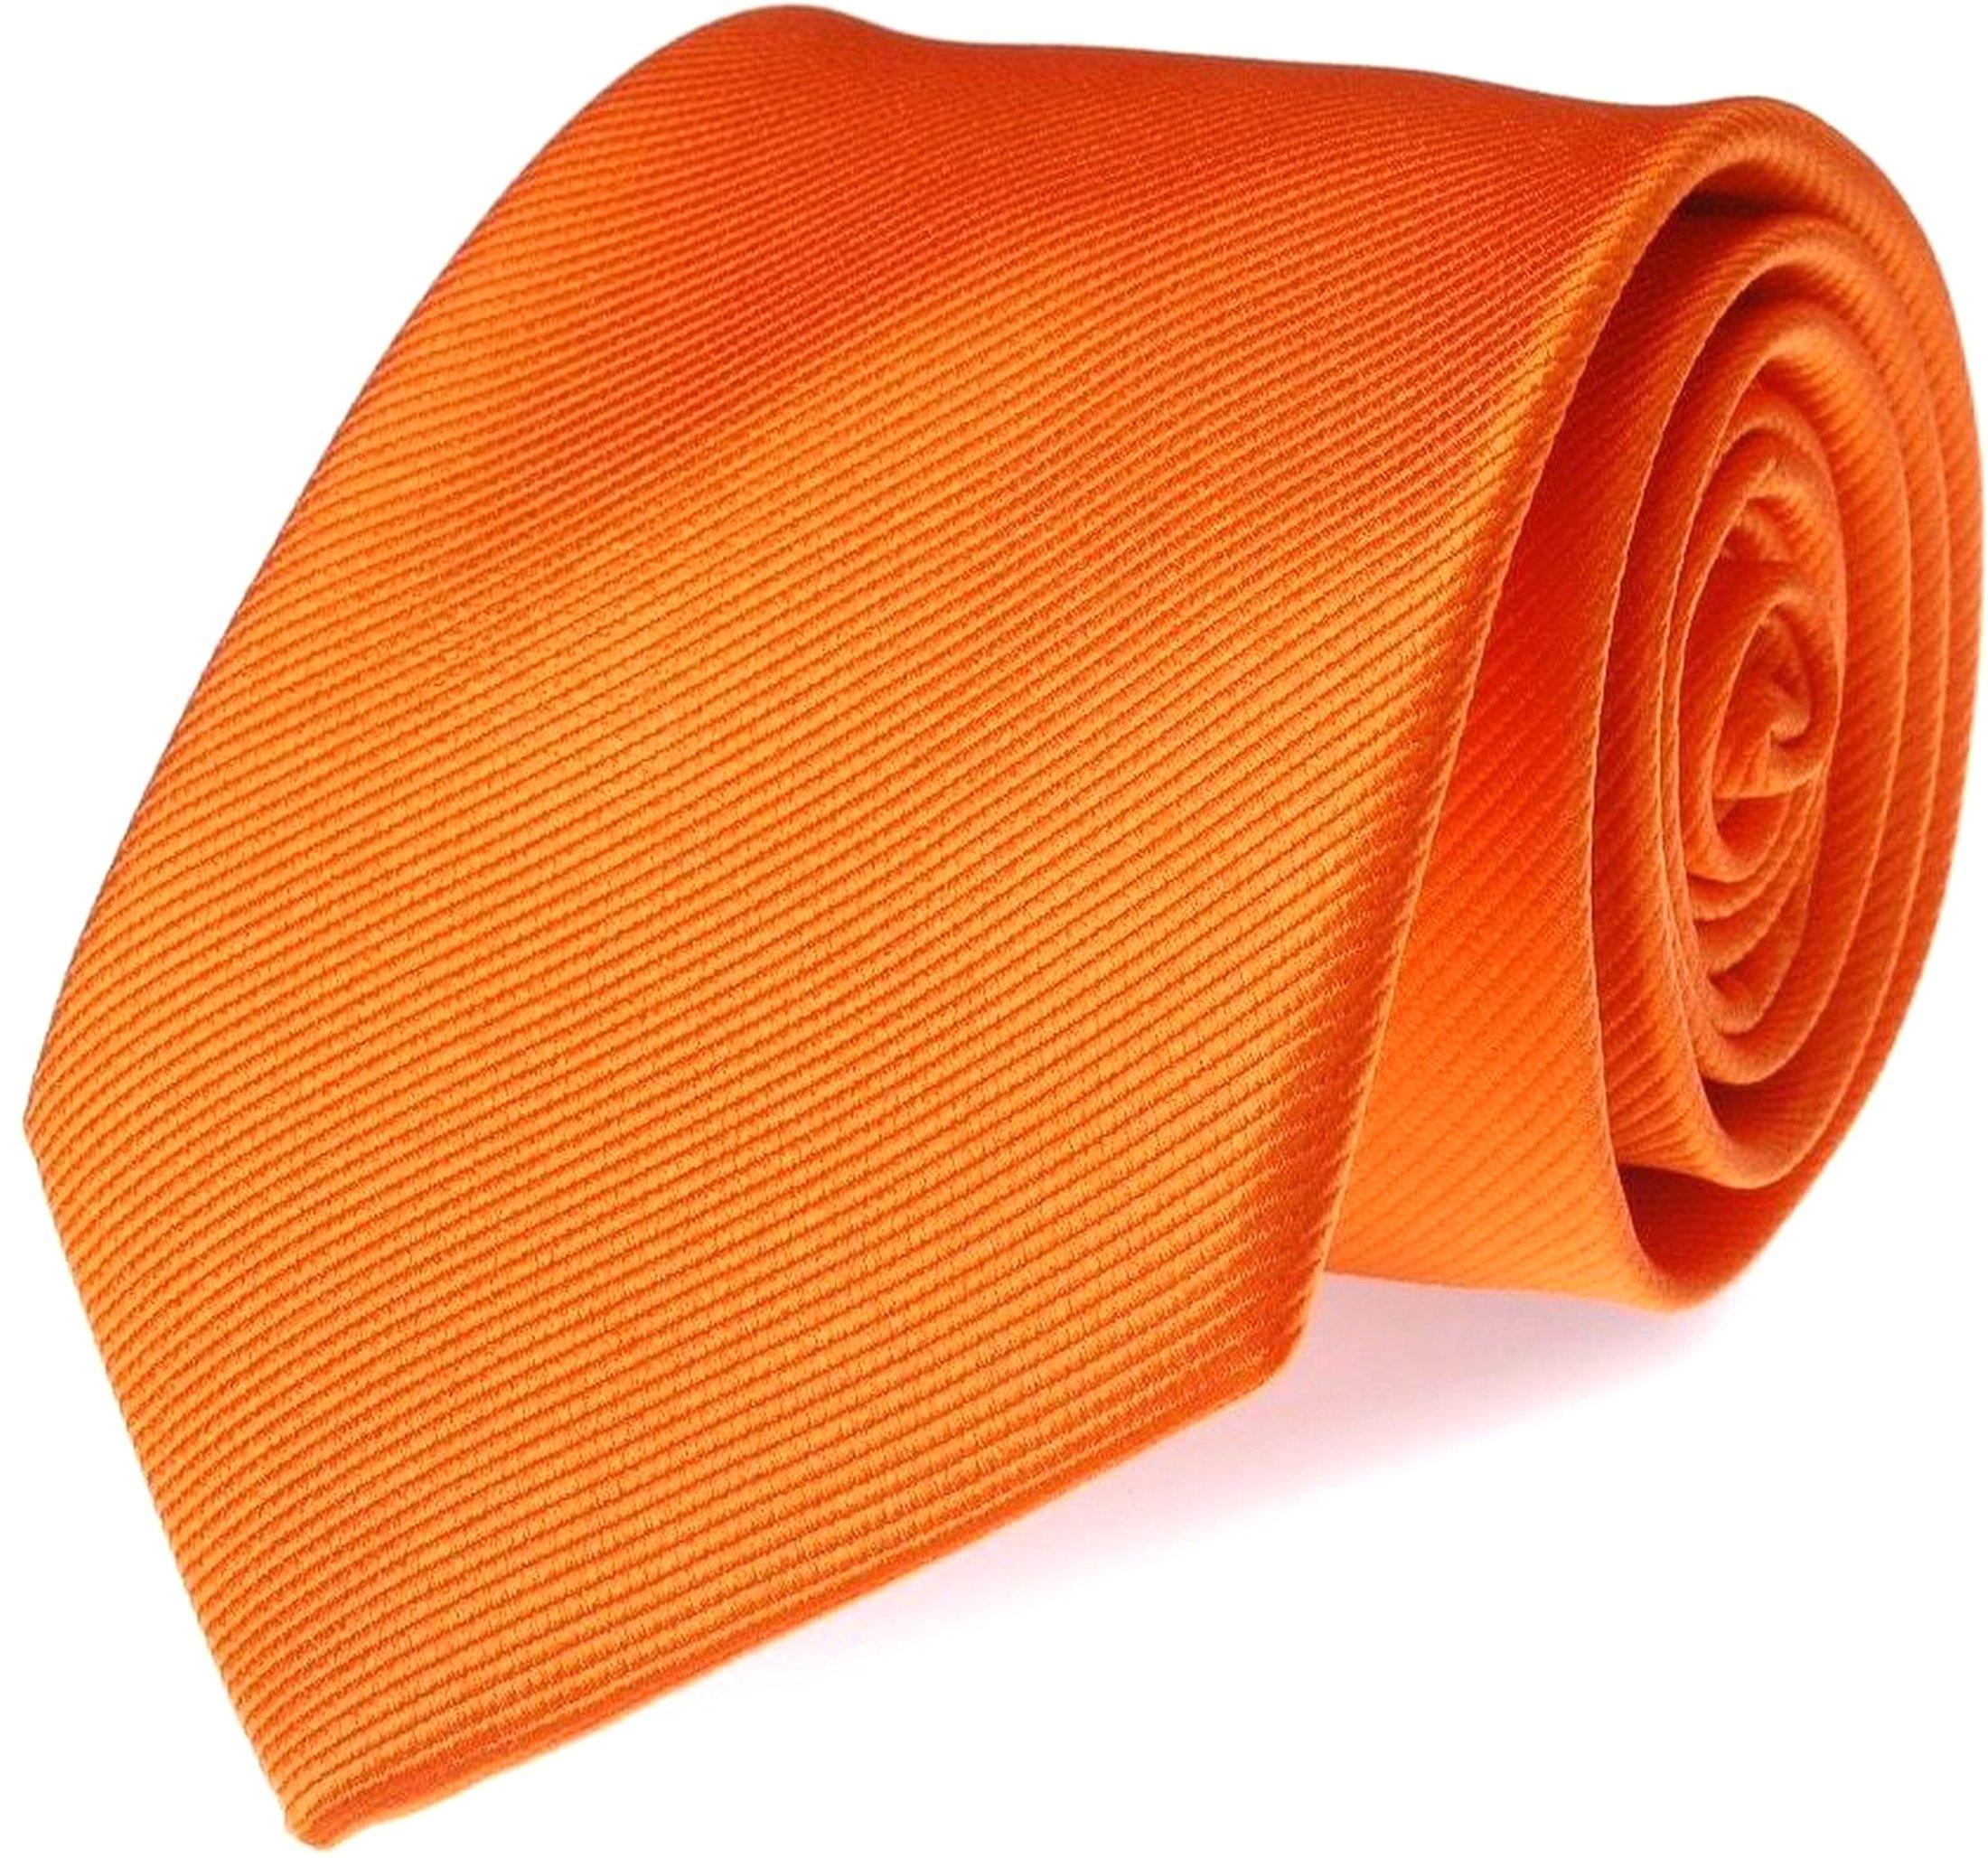 Krawatte Seide Orange Uni F01 Foto 0